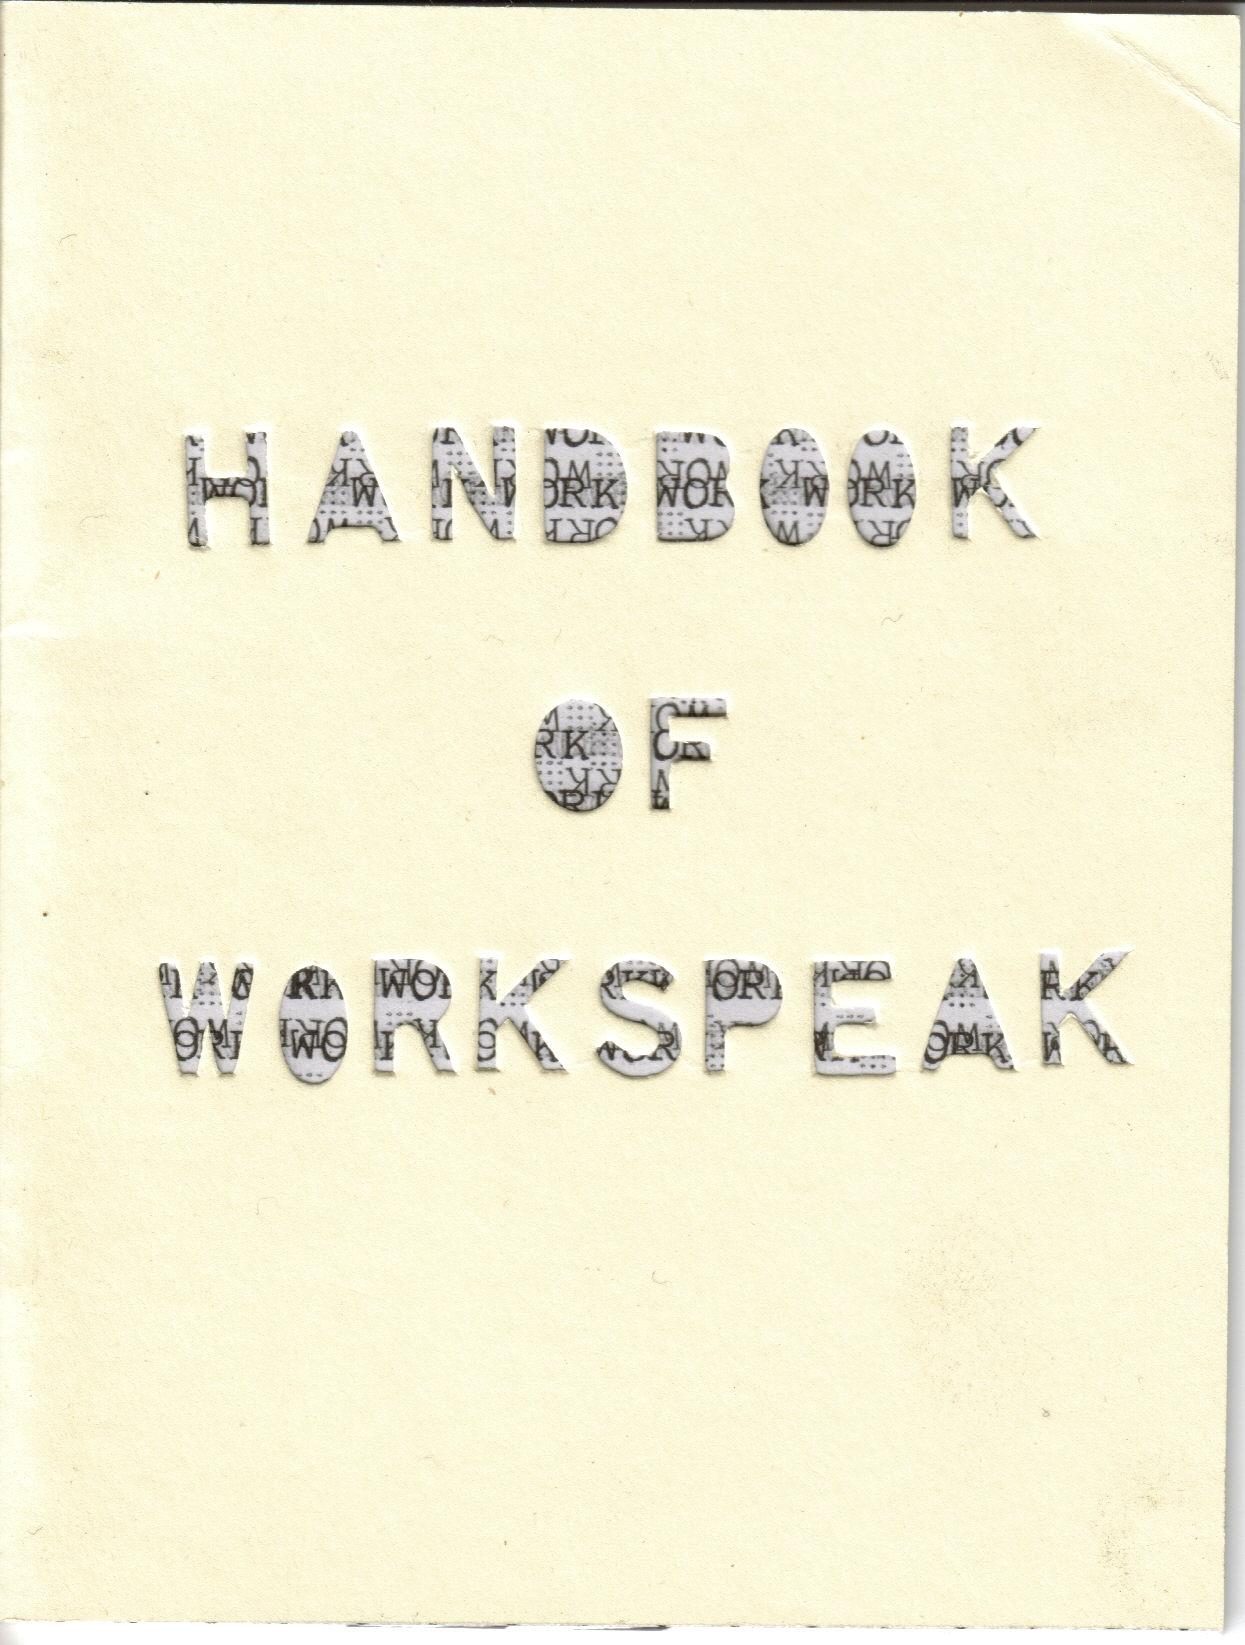 handbookofworkspeak_cover